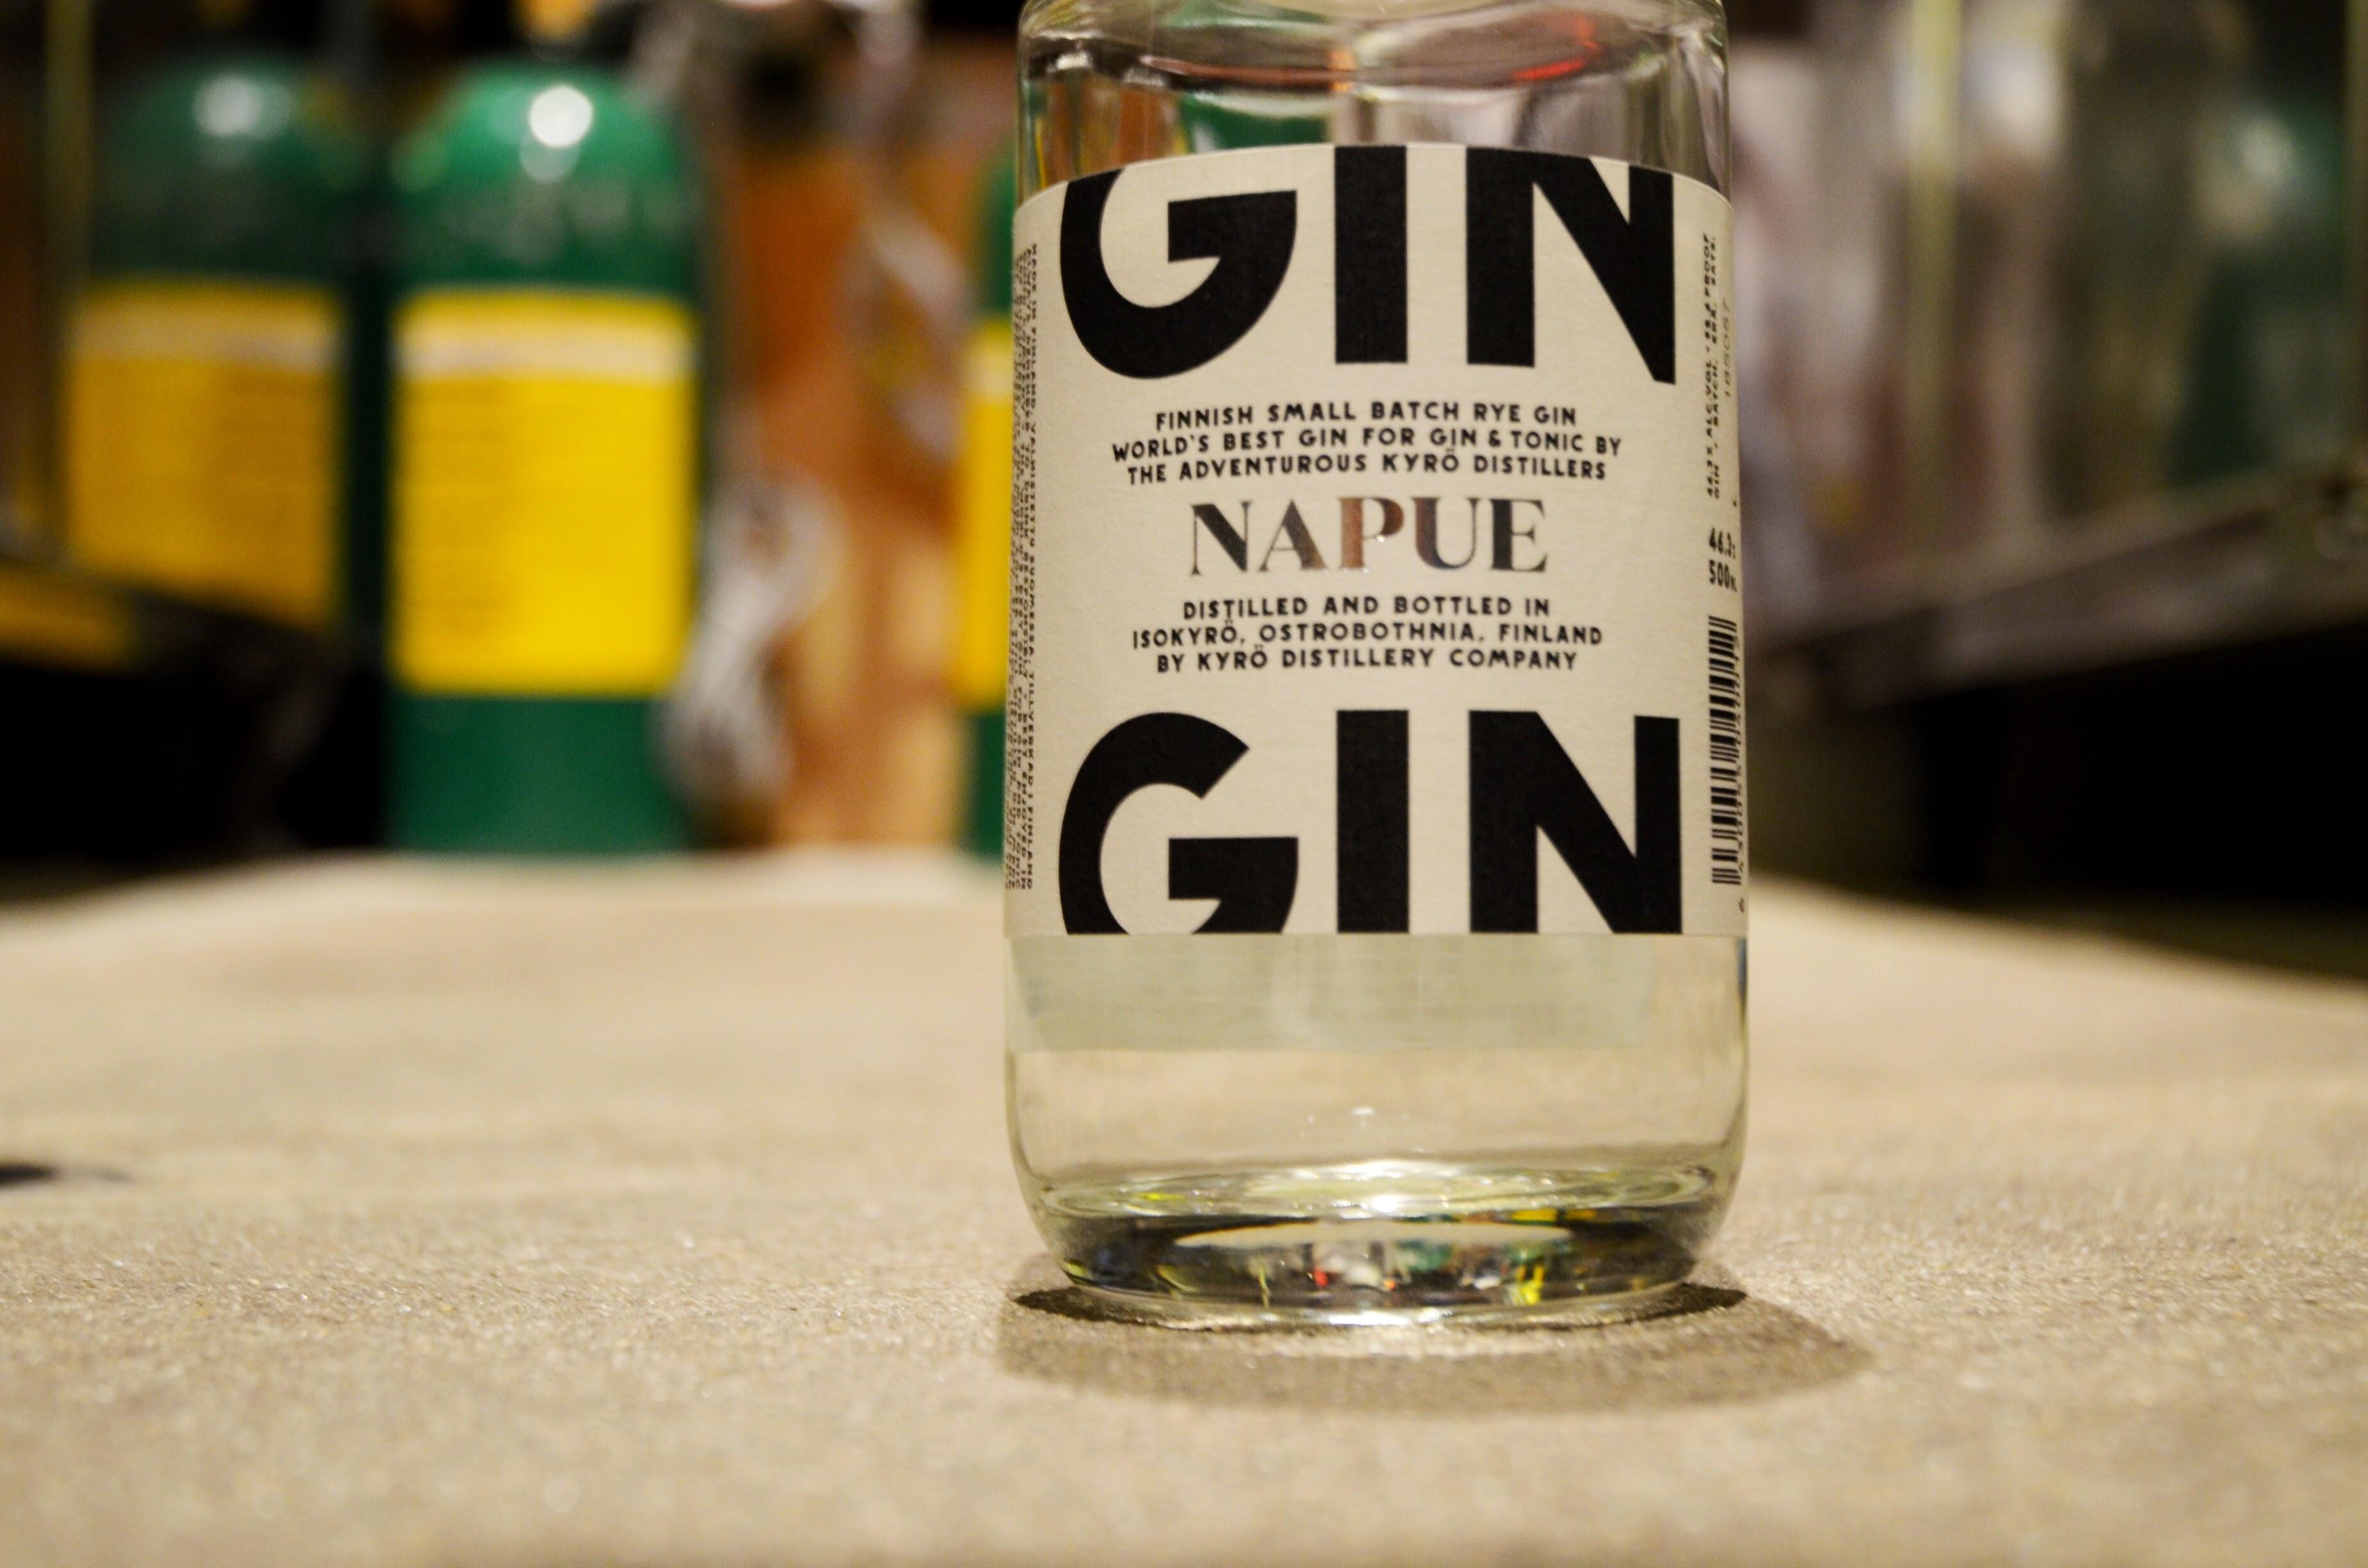 NAPUE GIN / ナプエ ジン